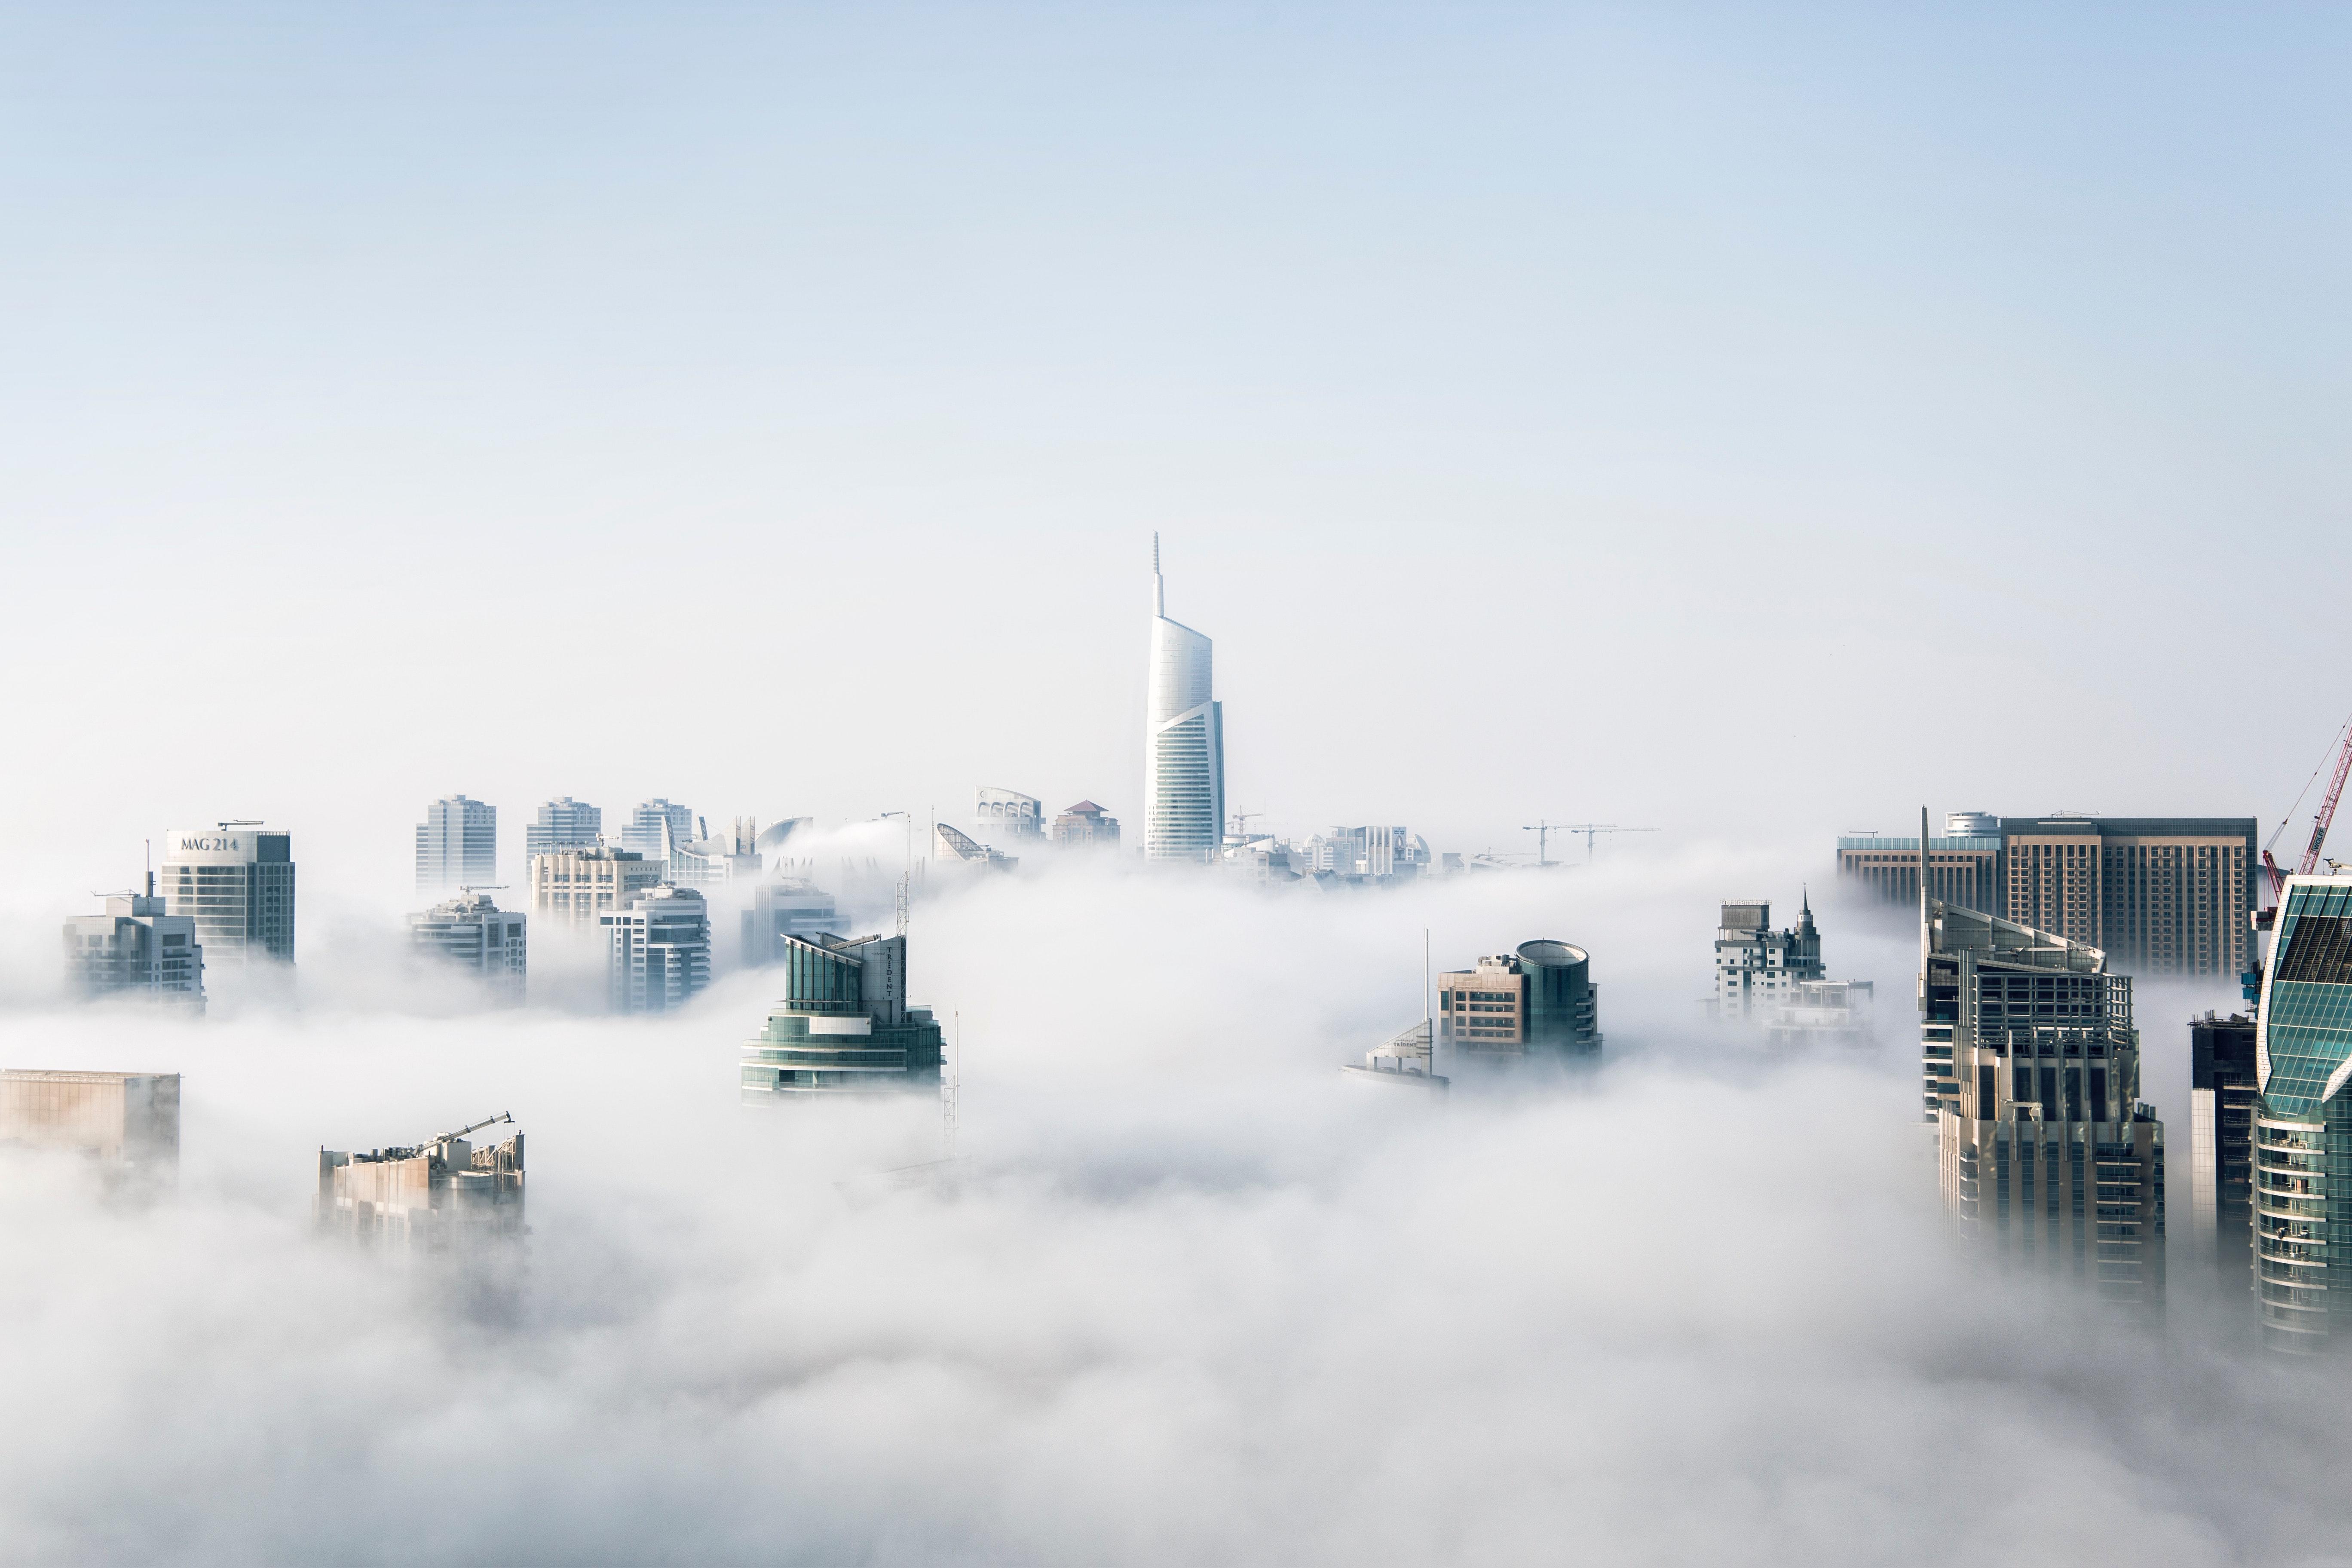 architecture-buildings-city-325185